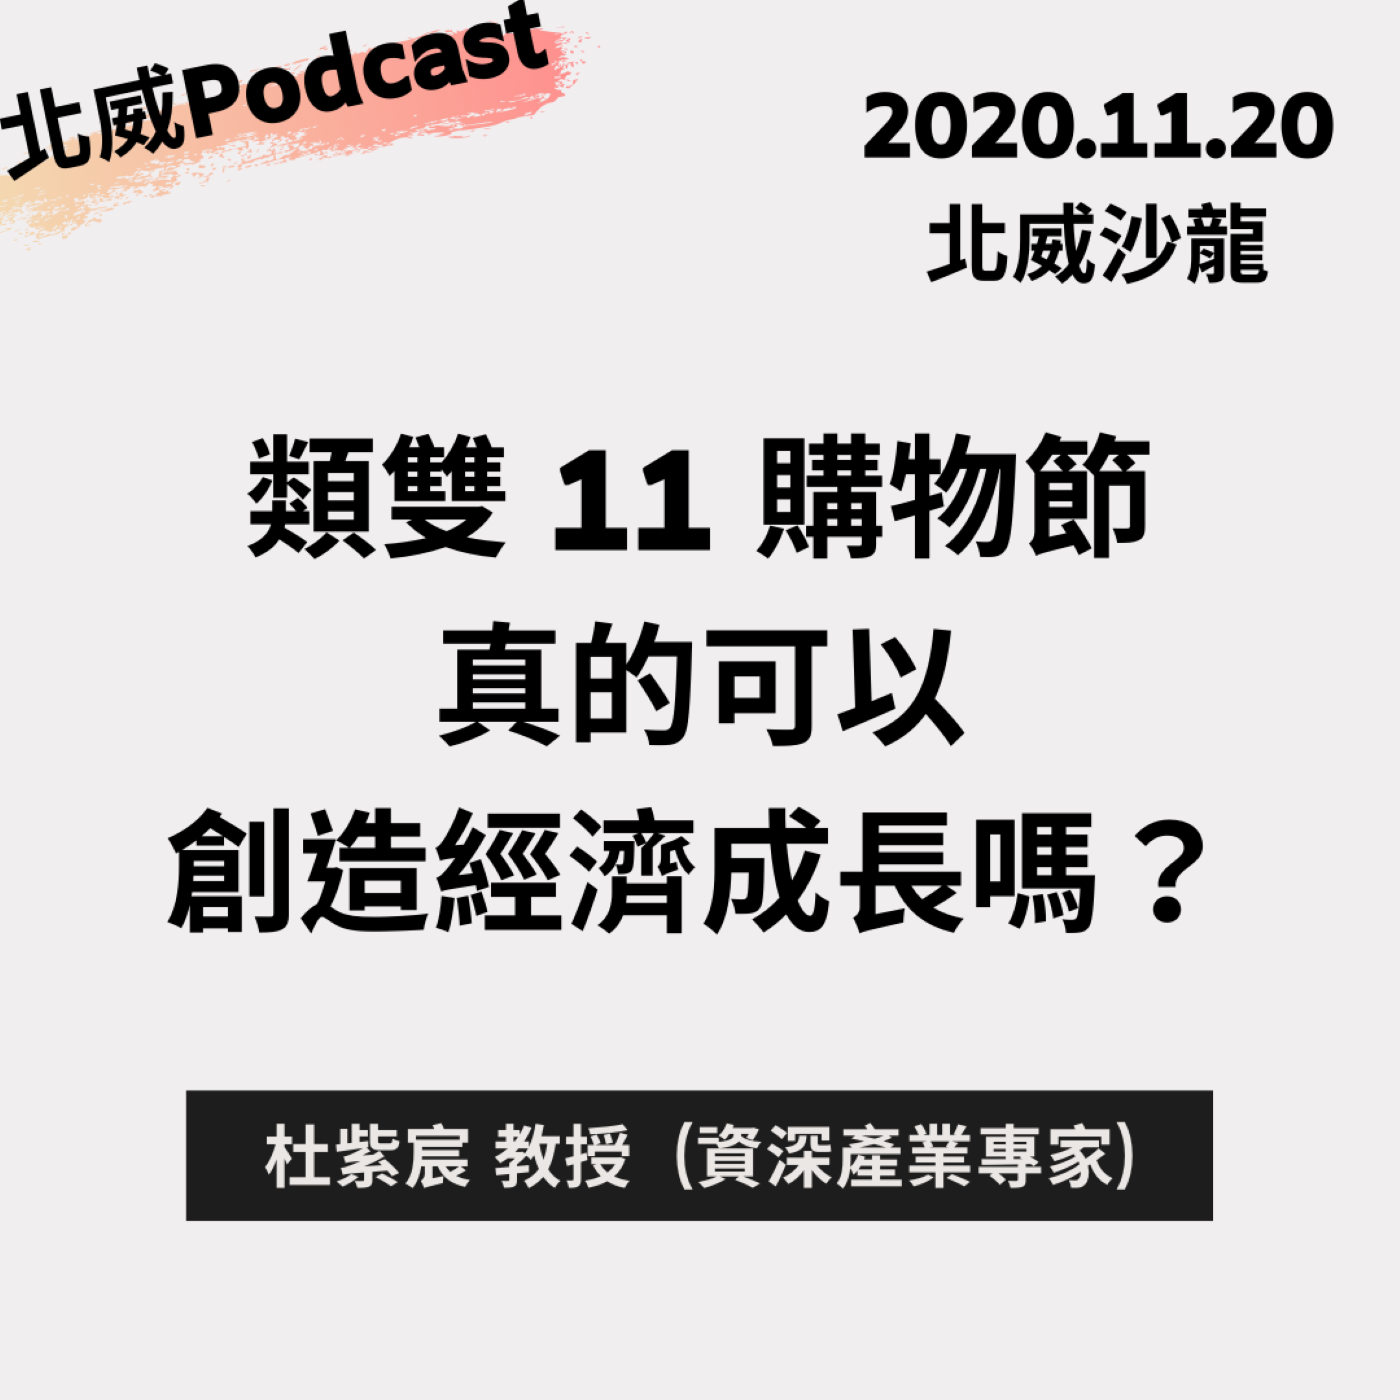 《類雙11購物節真的可以創造經濟成長嗎?》 北威沙龍 ,杜紫宸教授 ( 11/20)